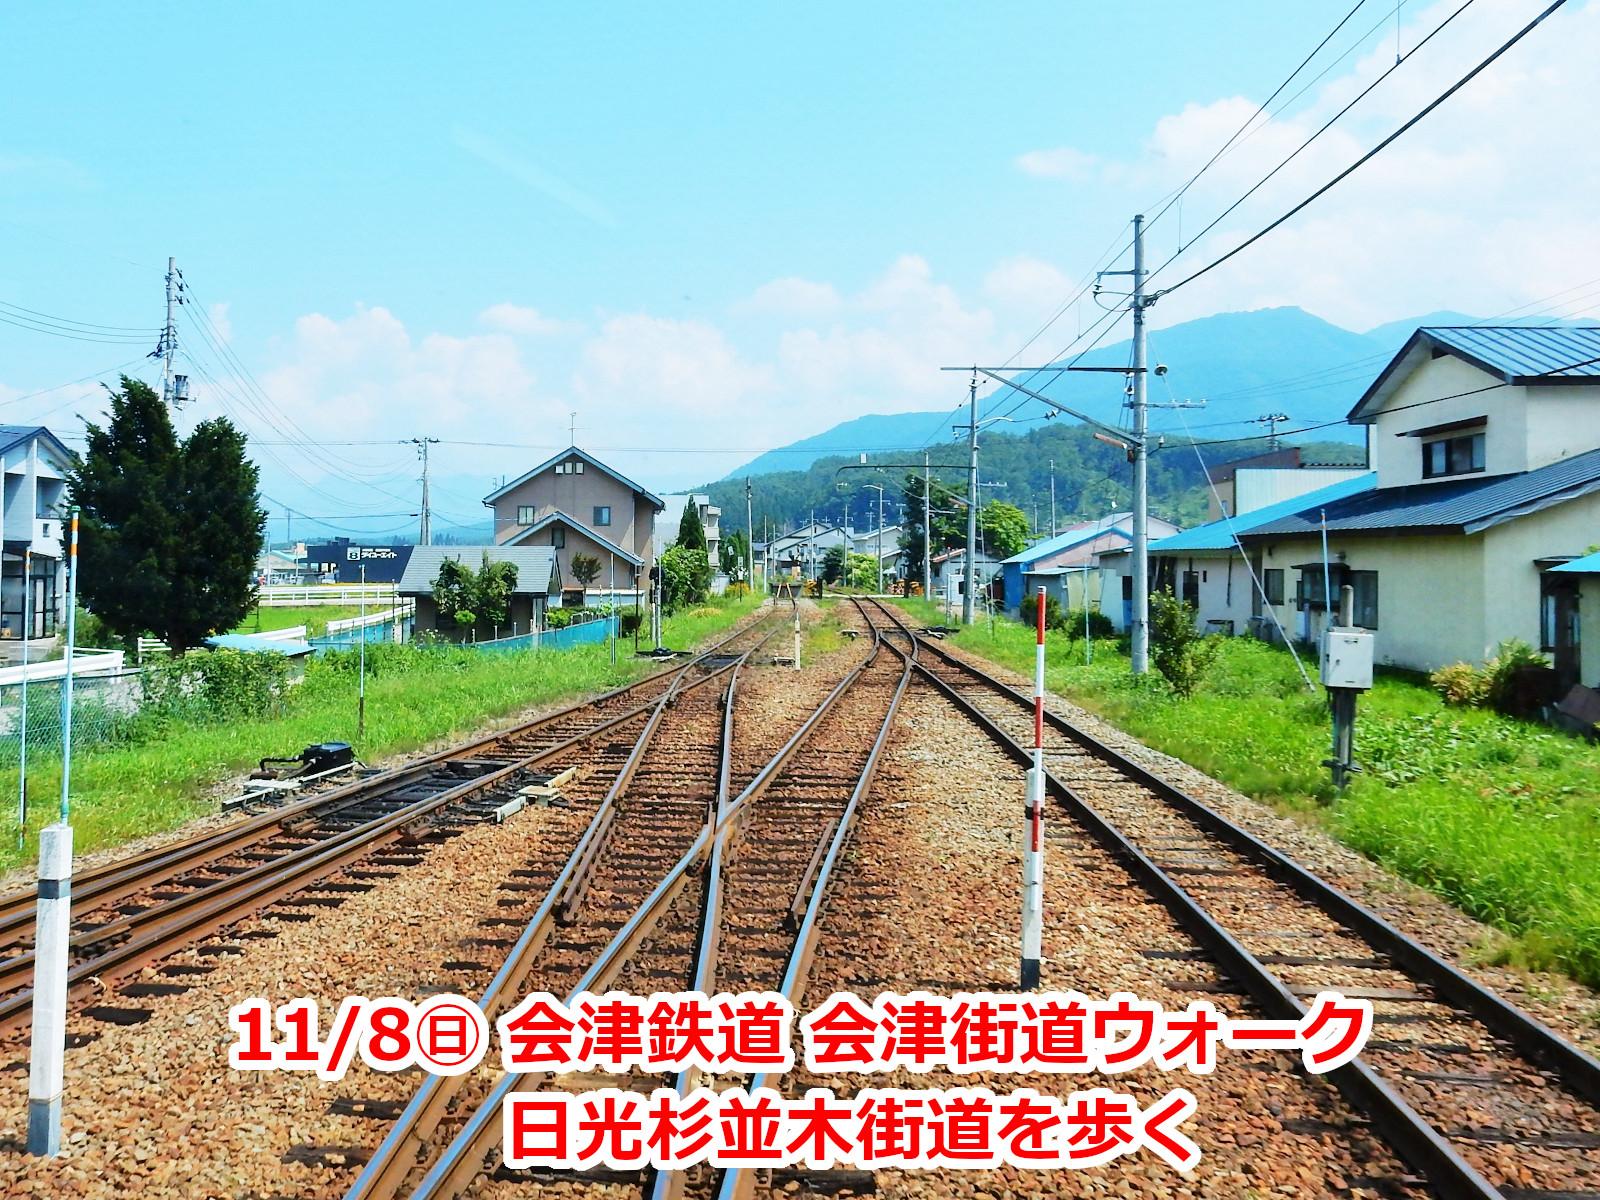 会津鉄道「会津街道ウォーキング 日光杉並木街道を歩く」写真